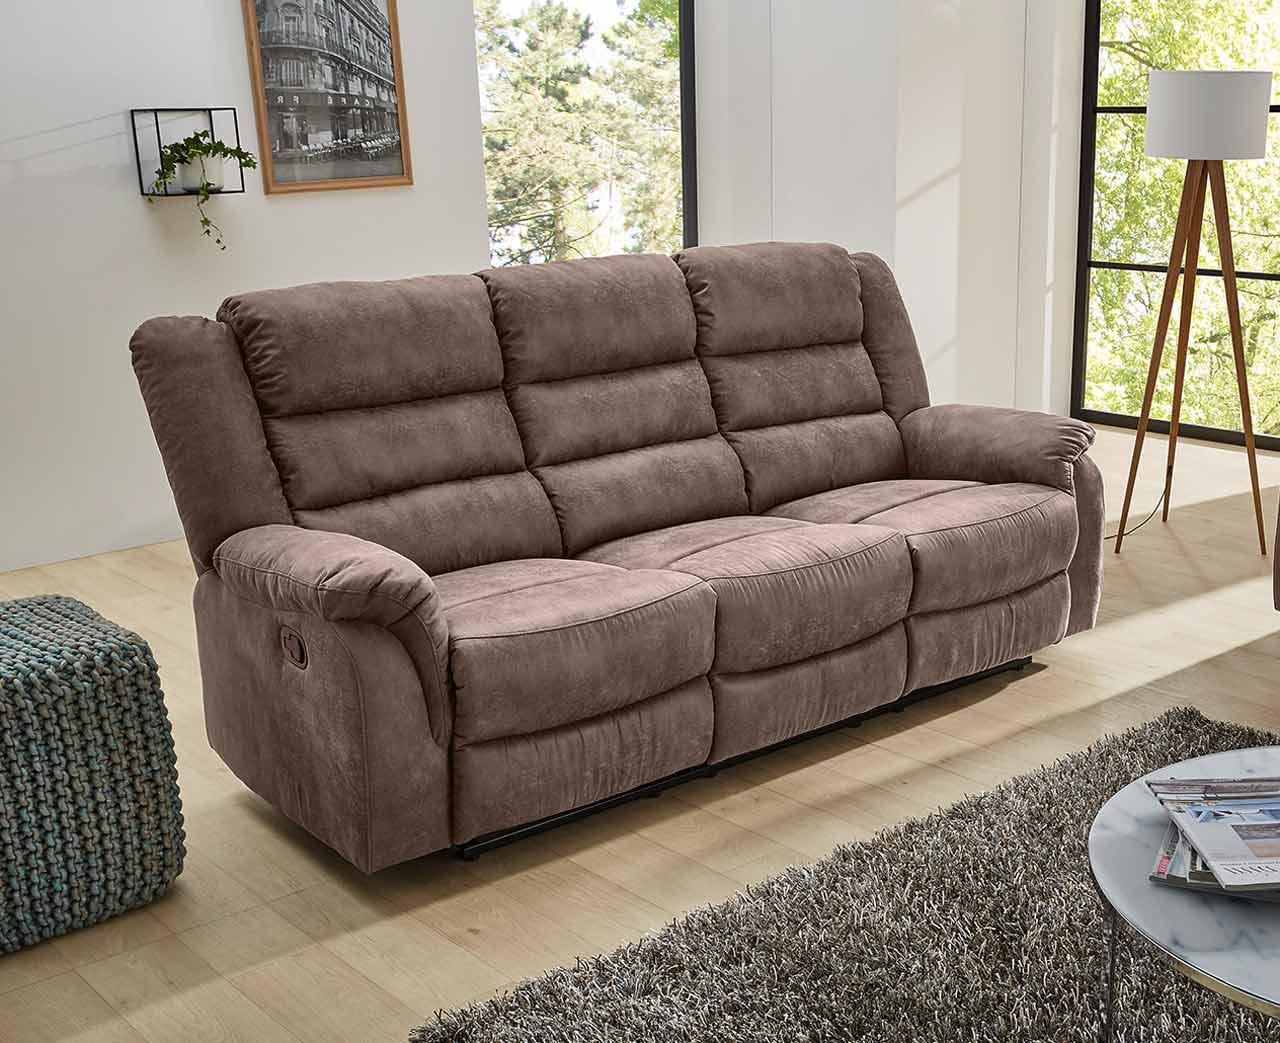 Full Size of Sofa 3 Sitzer Grau 3 Sitzer Nino Schwarz/grau Couch 2 Und Leder Mit Schlaffunktion Retro Kingsley Rund Wildleder Kare Polsterreiniger 2er 3er Freistil Sofa Sofa 3 Sitzer Grau